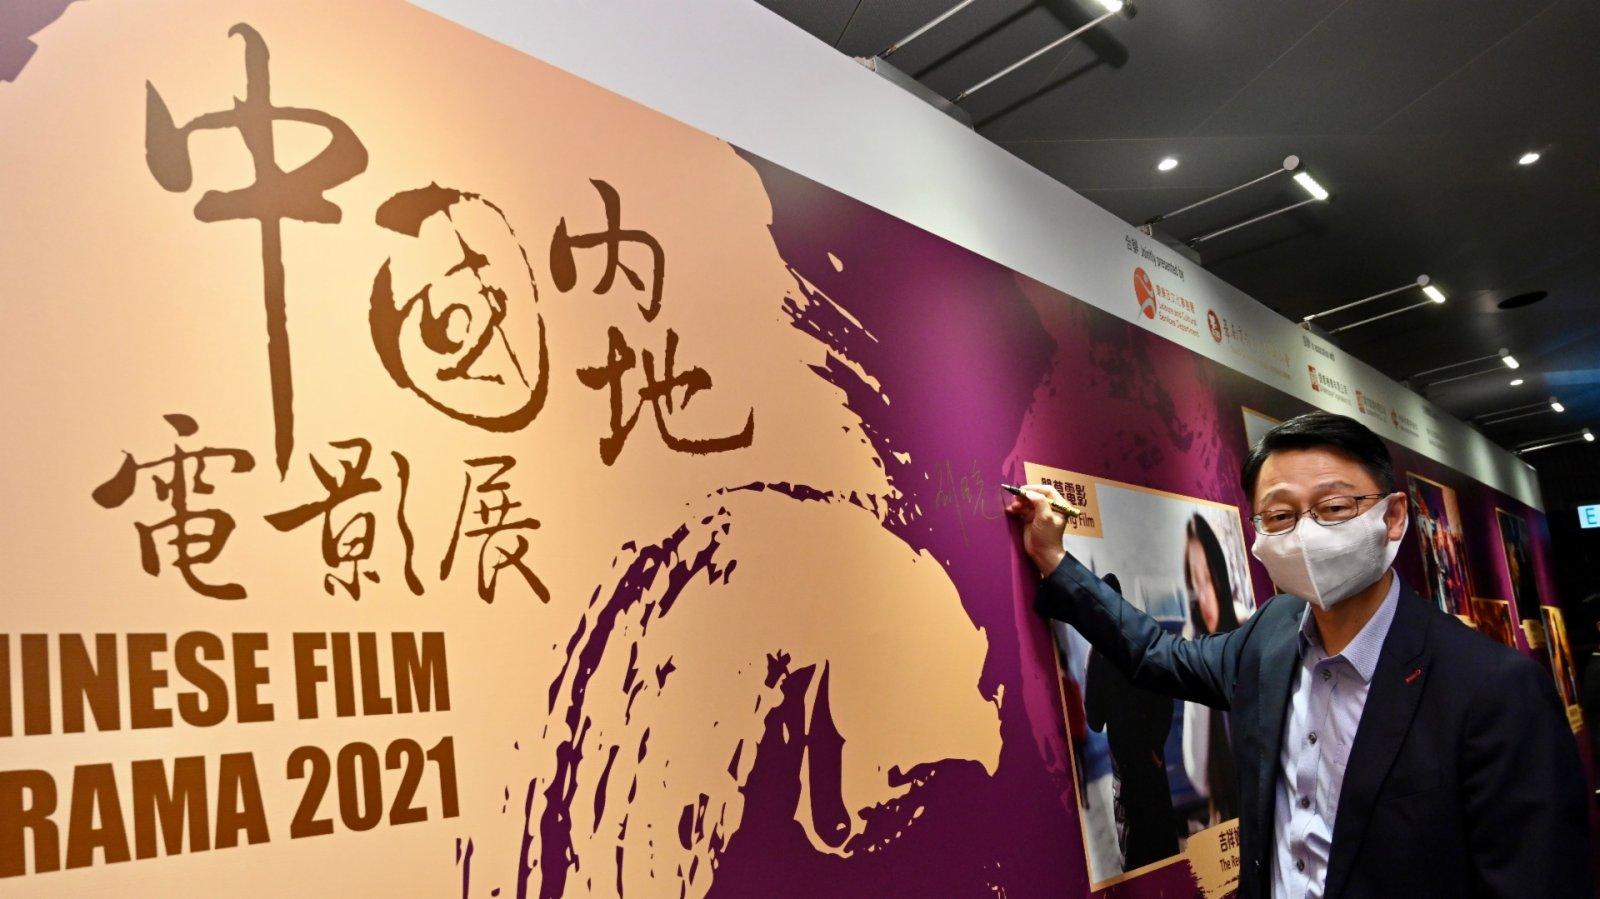 「中國內地電影展」今晚揭幕 《吉祥如意》作開幕片